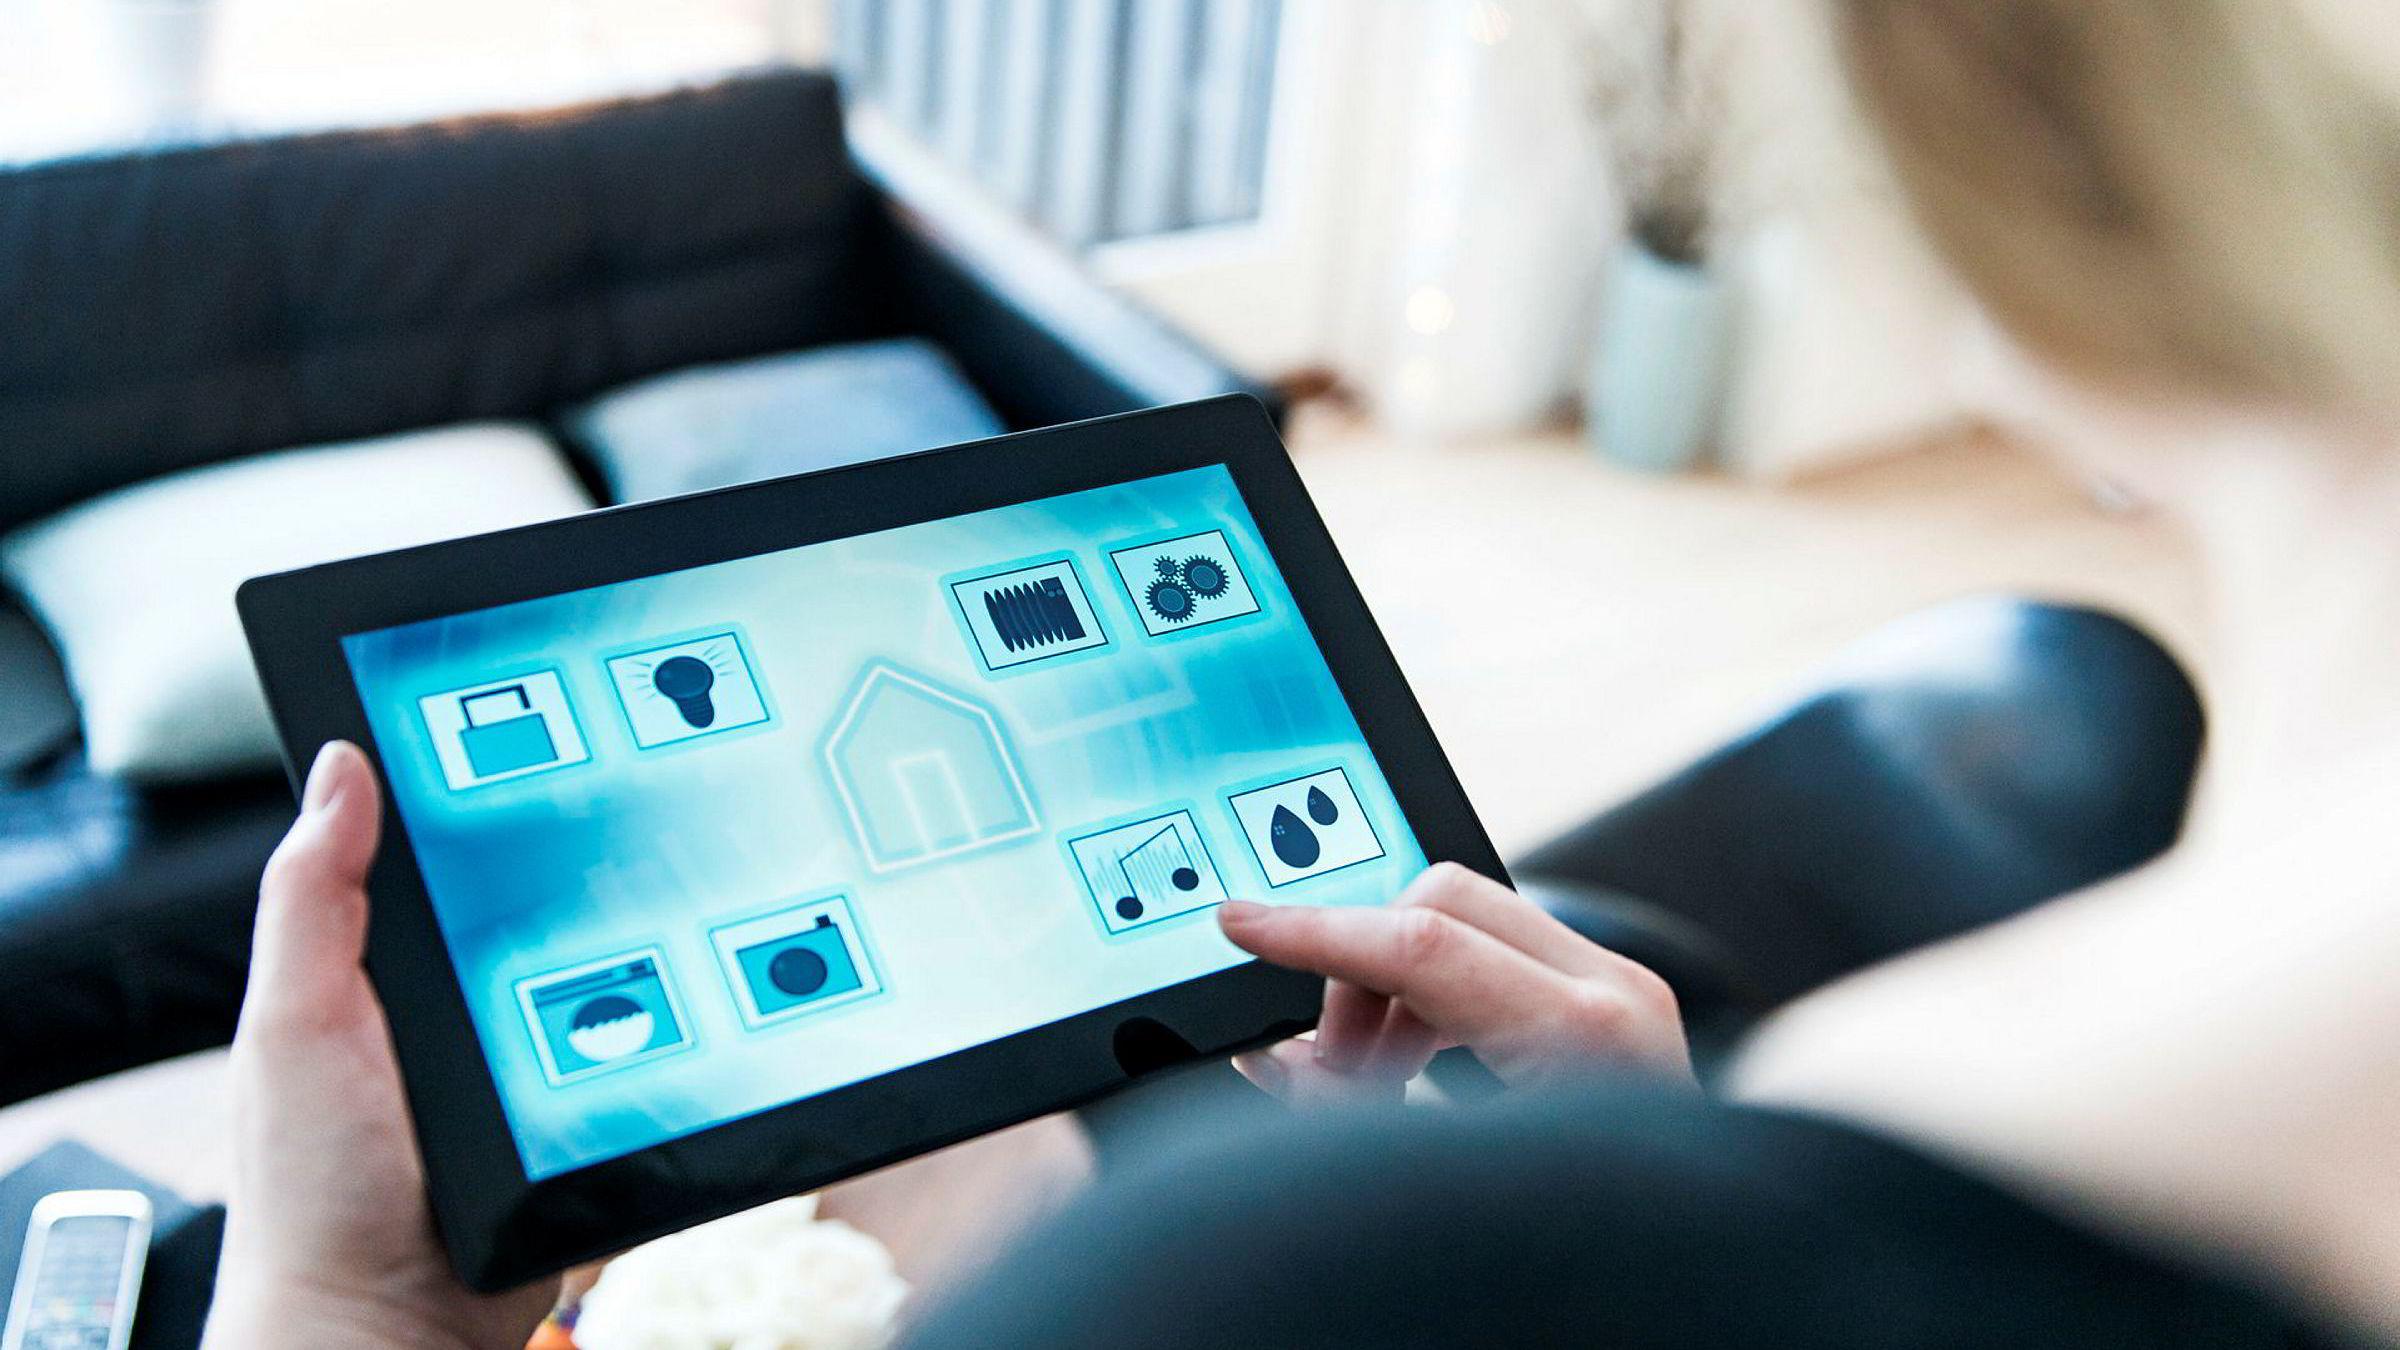 En lang rekke av tjenestetilbydere har sett på fremtidens smartbyer som gullgruver. De har belaget seg på et kjempemarked for avanserte energi-, trygghets- og omsorgstjenester. Her vises en rekke apper som kan brukes til å styre vaskemaskinen, dørlåsen, overvåkningskamera med mere.